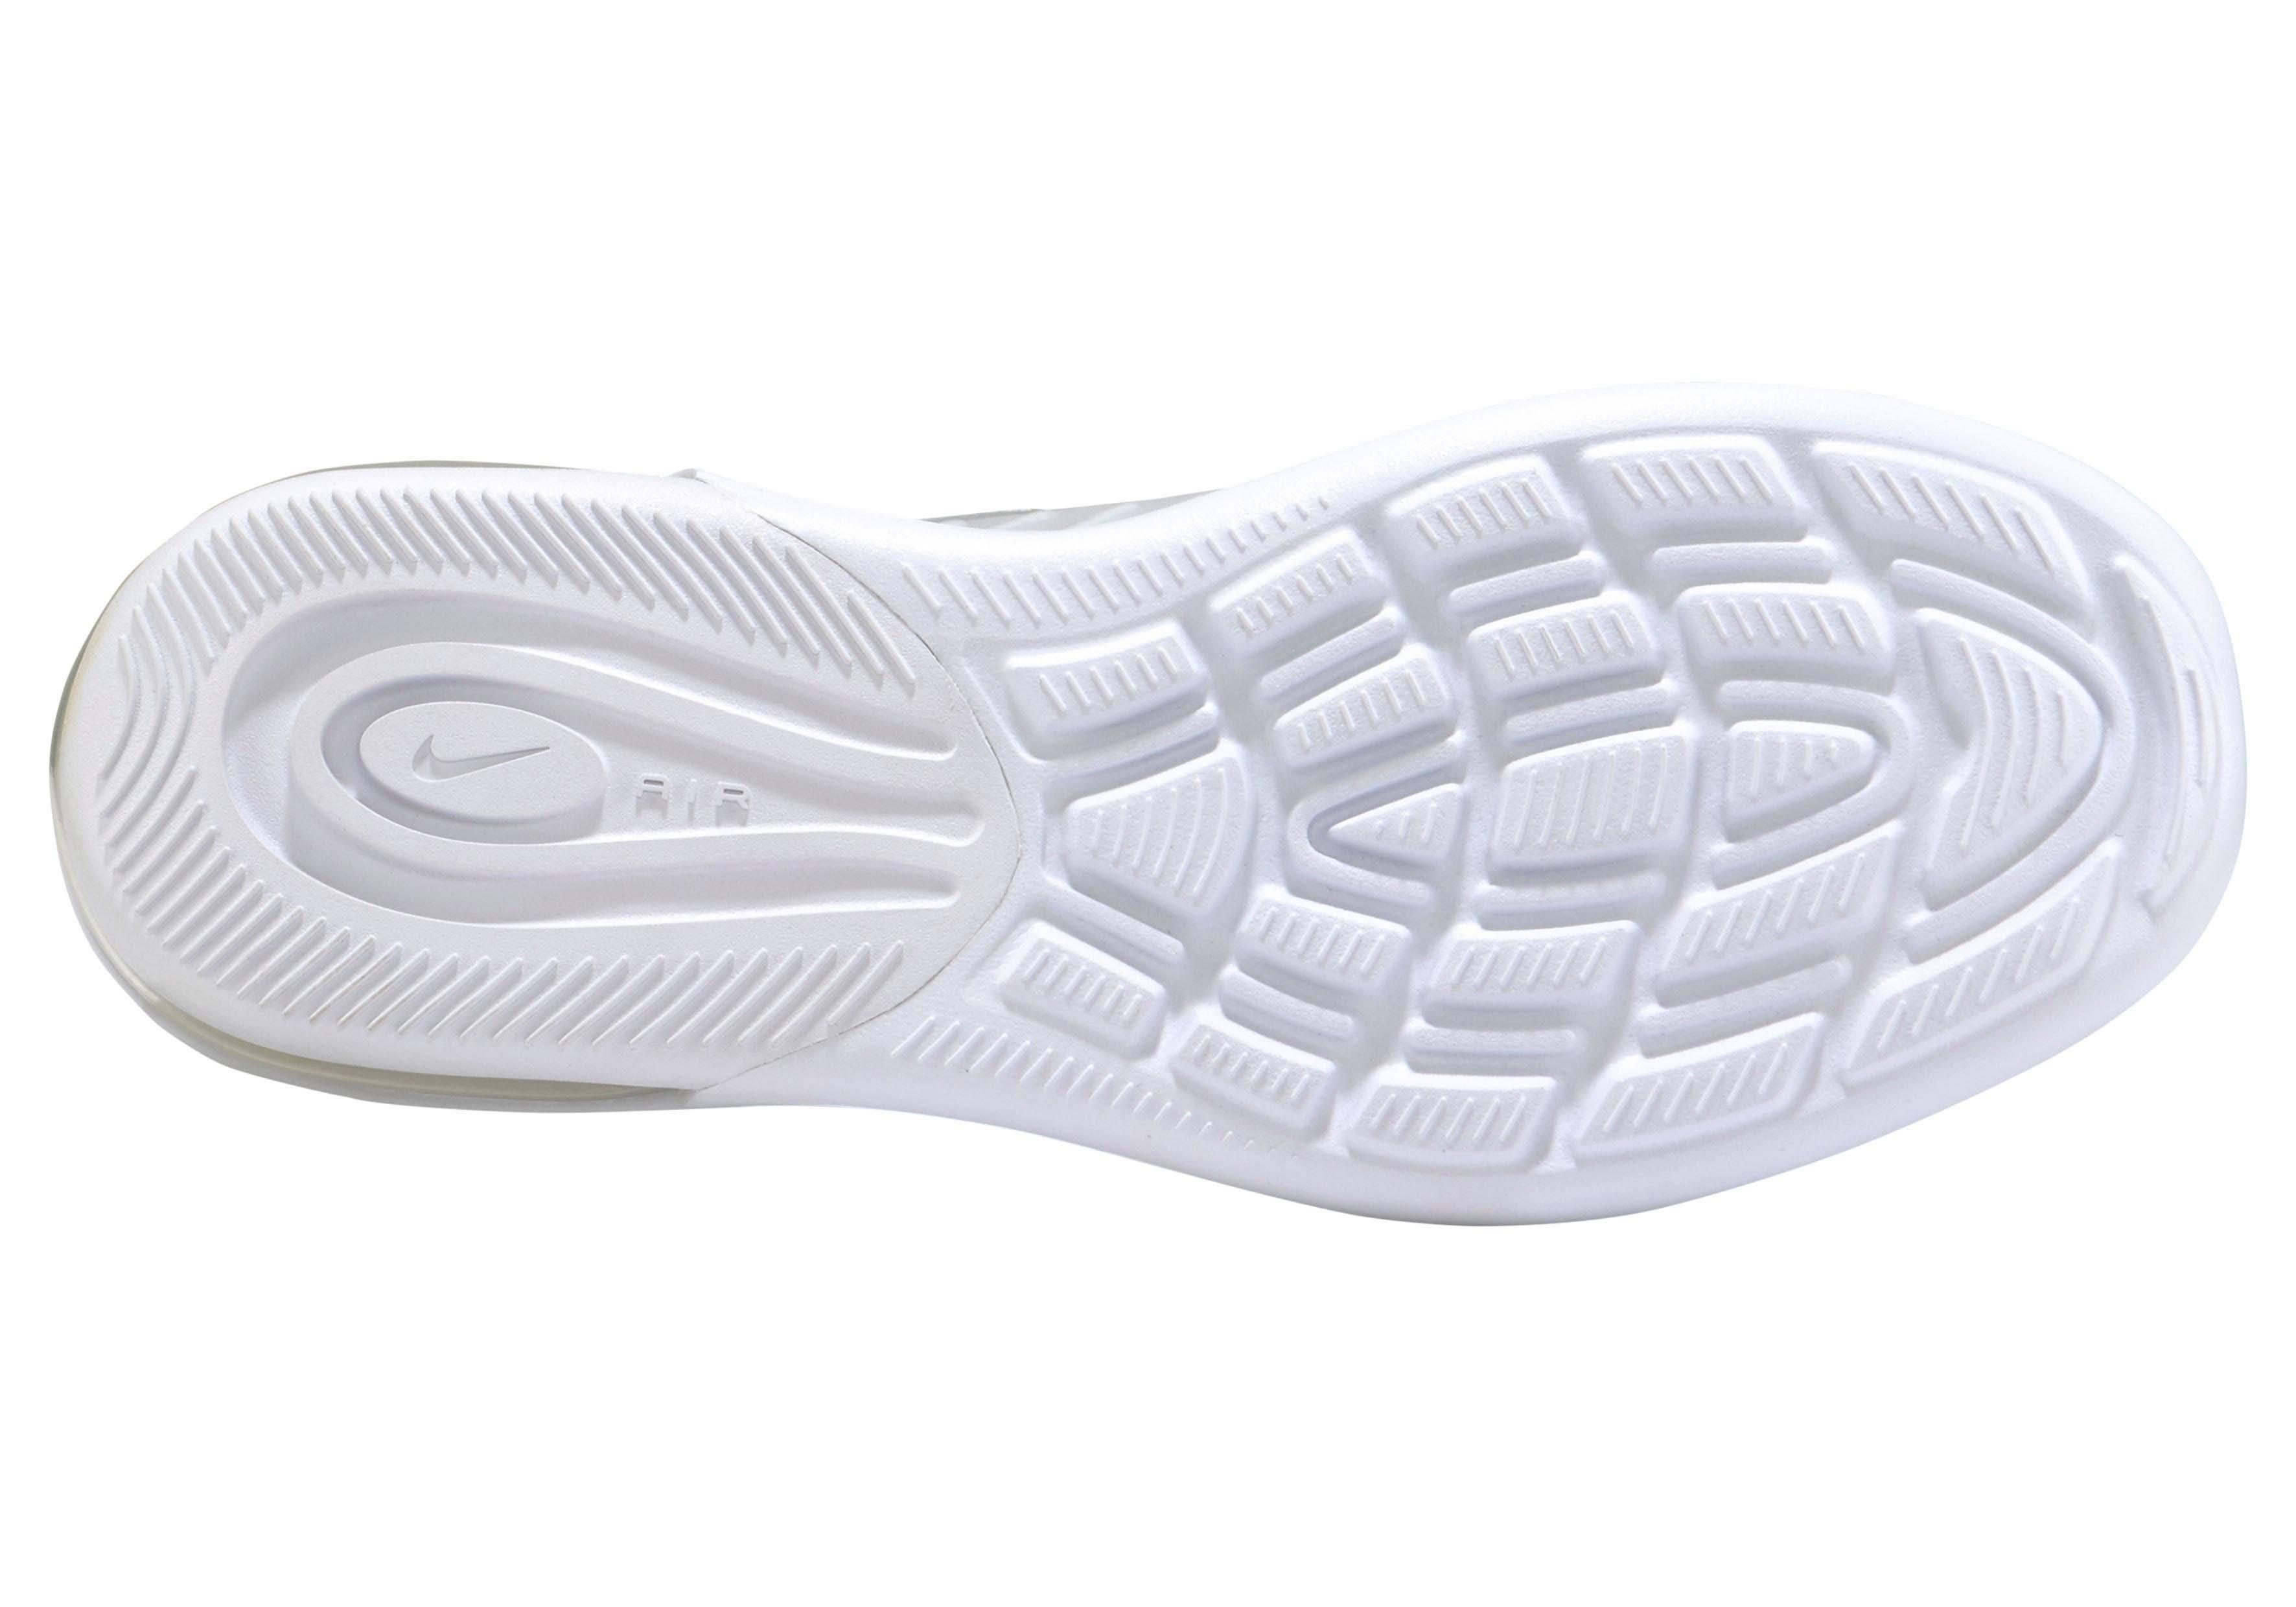 Axis« rot Sneaker »wmns 36 rot Sportswear Nike Max Hellgrau Hellgrau Air qZUIx0w